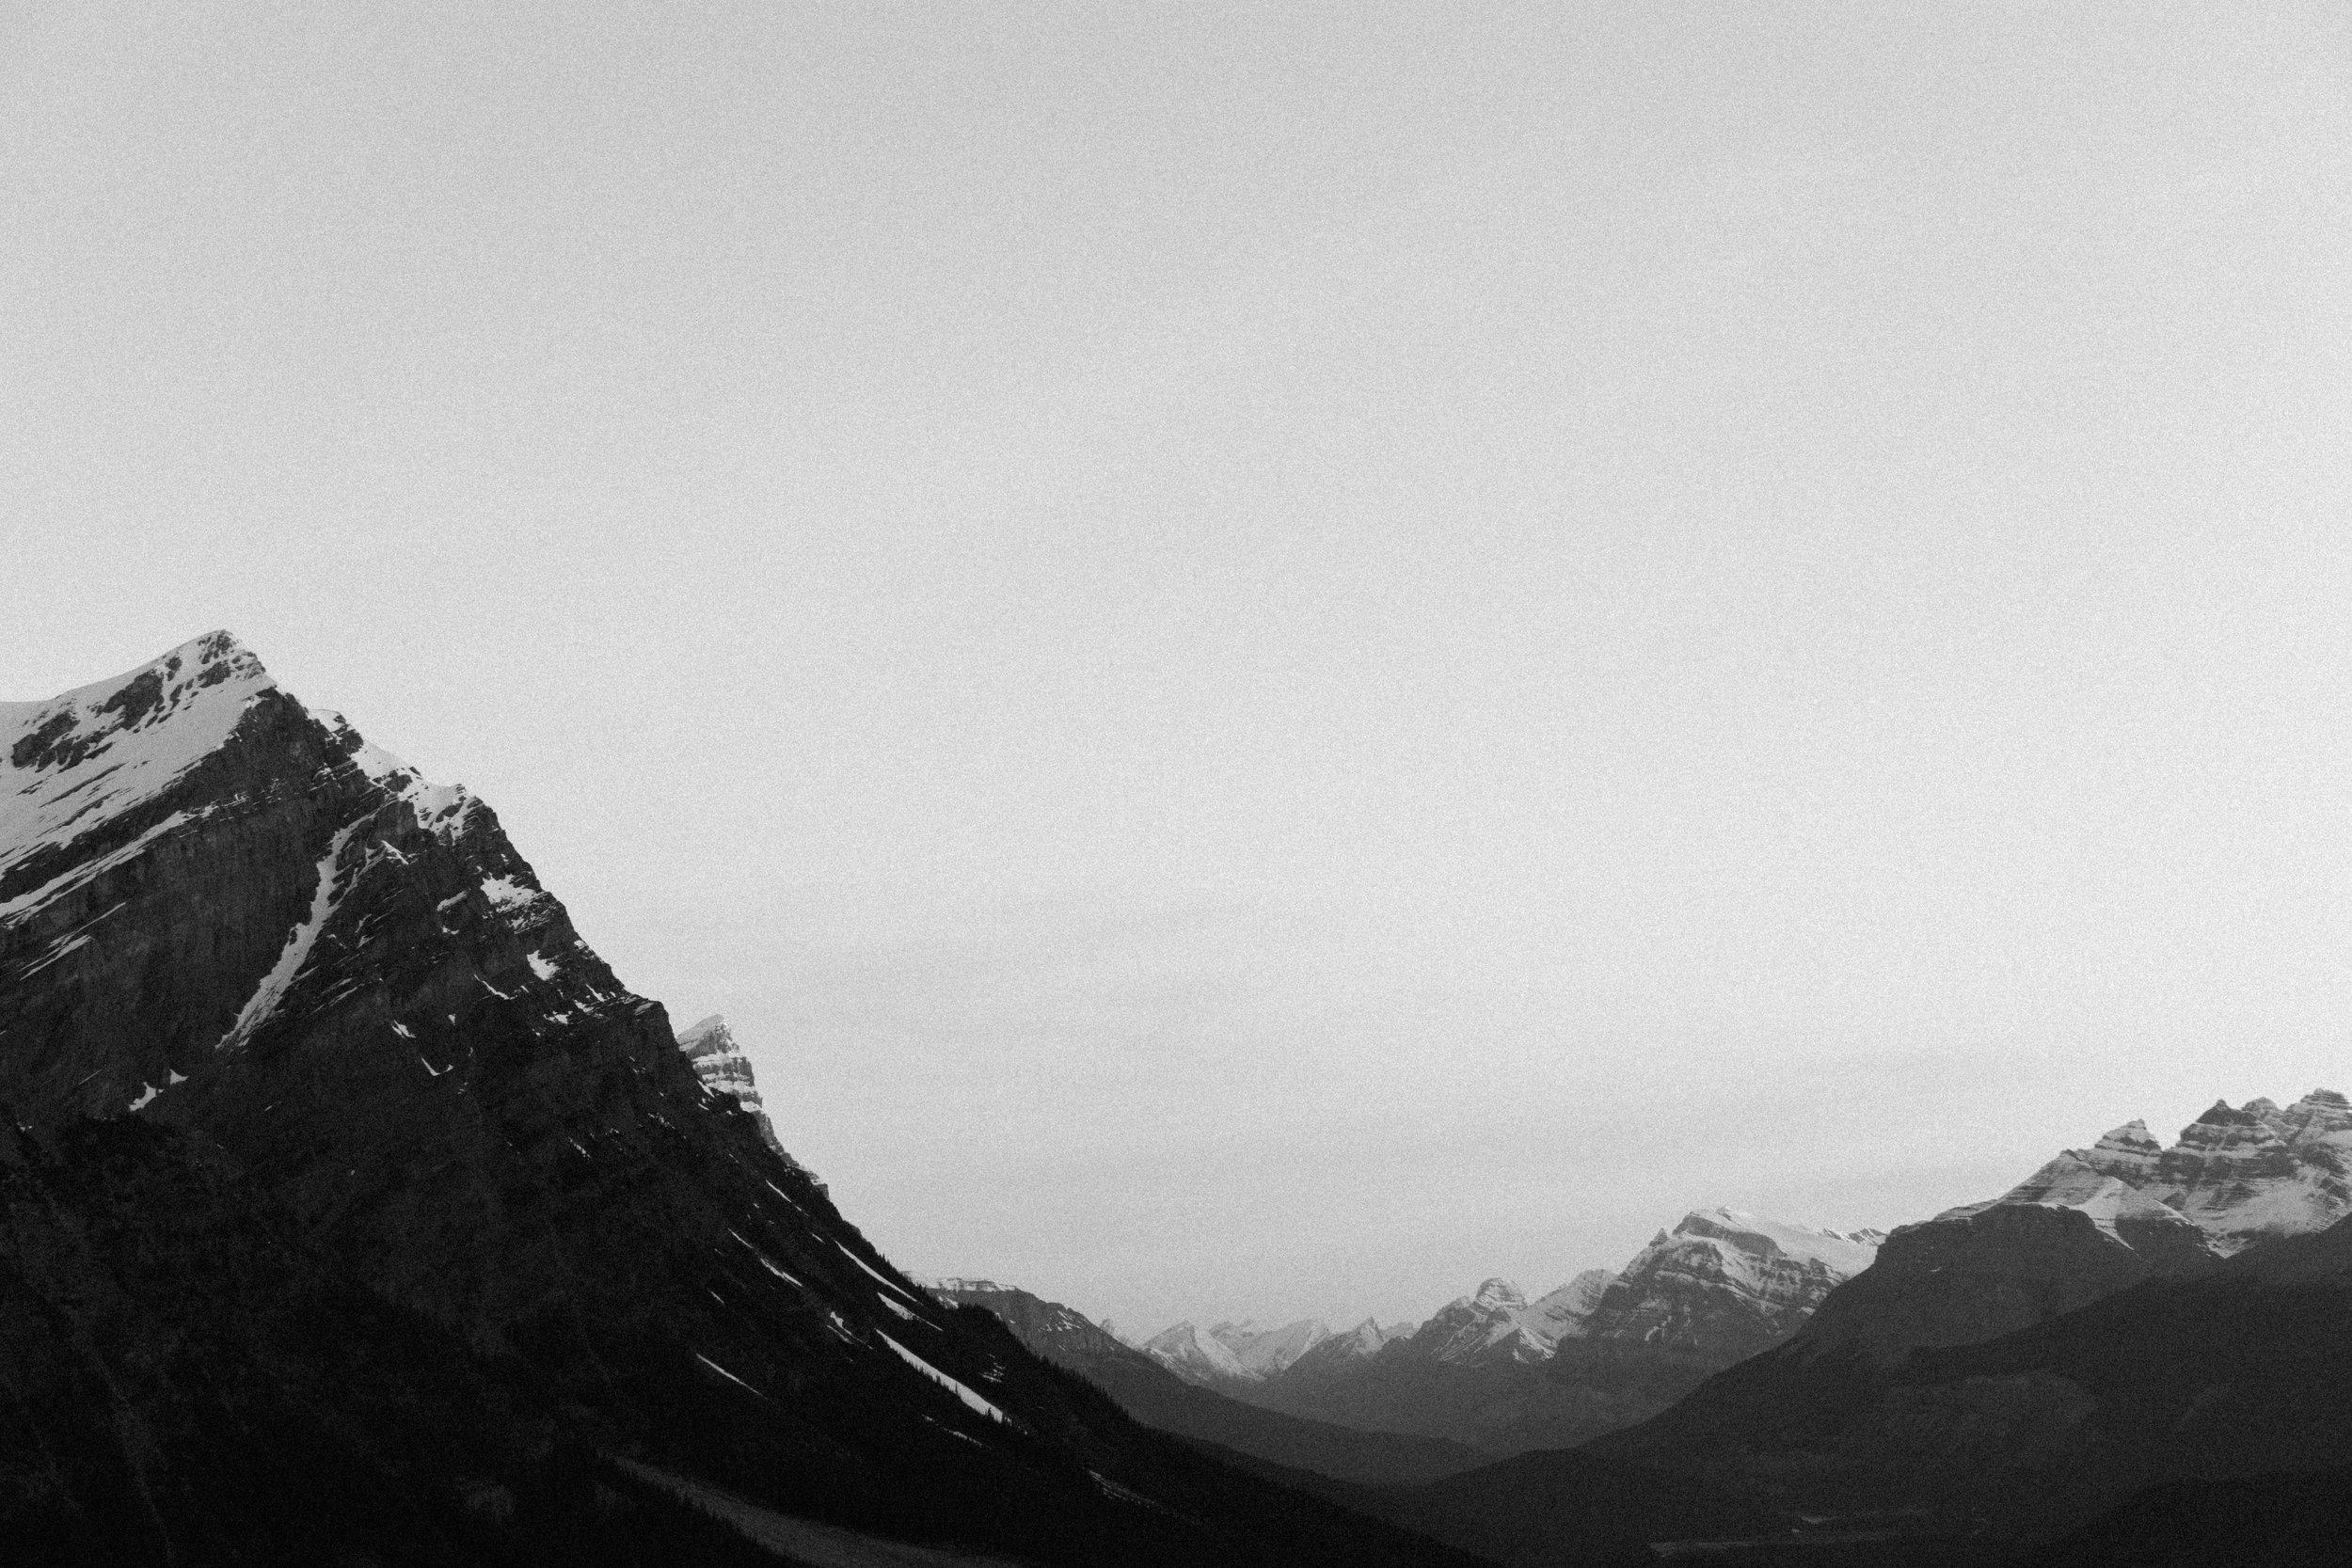 Canadian Rockies, May 2016